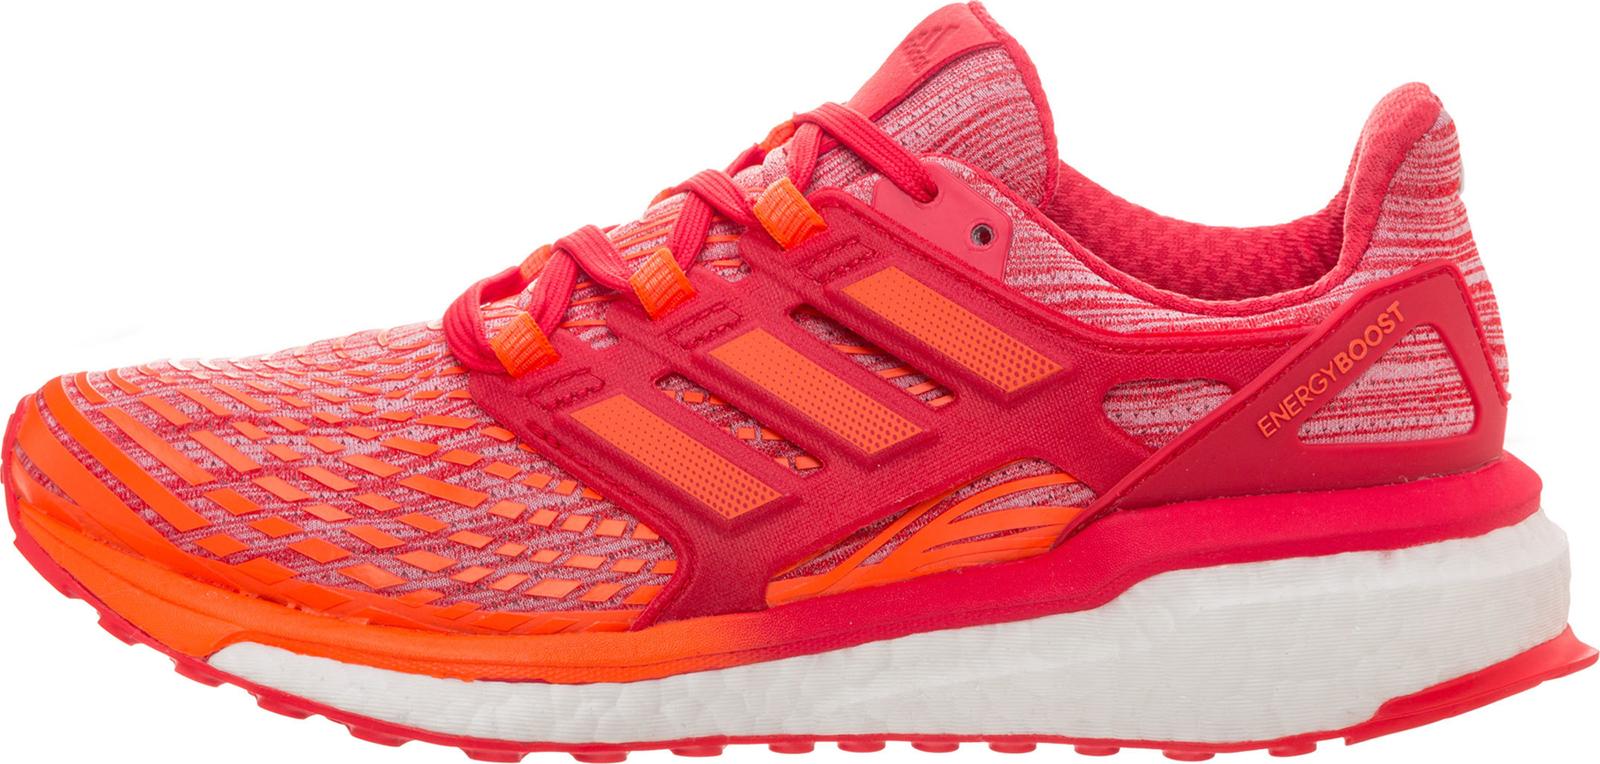 on sale 54e31 1fe4c Προσθήκη στα αγαπημένα menu Adidas Energy Boost